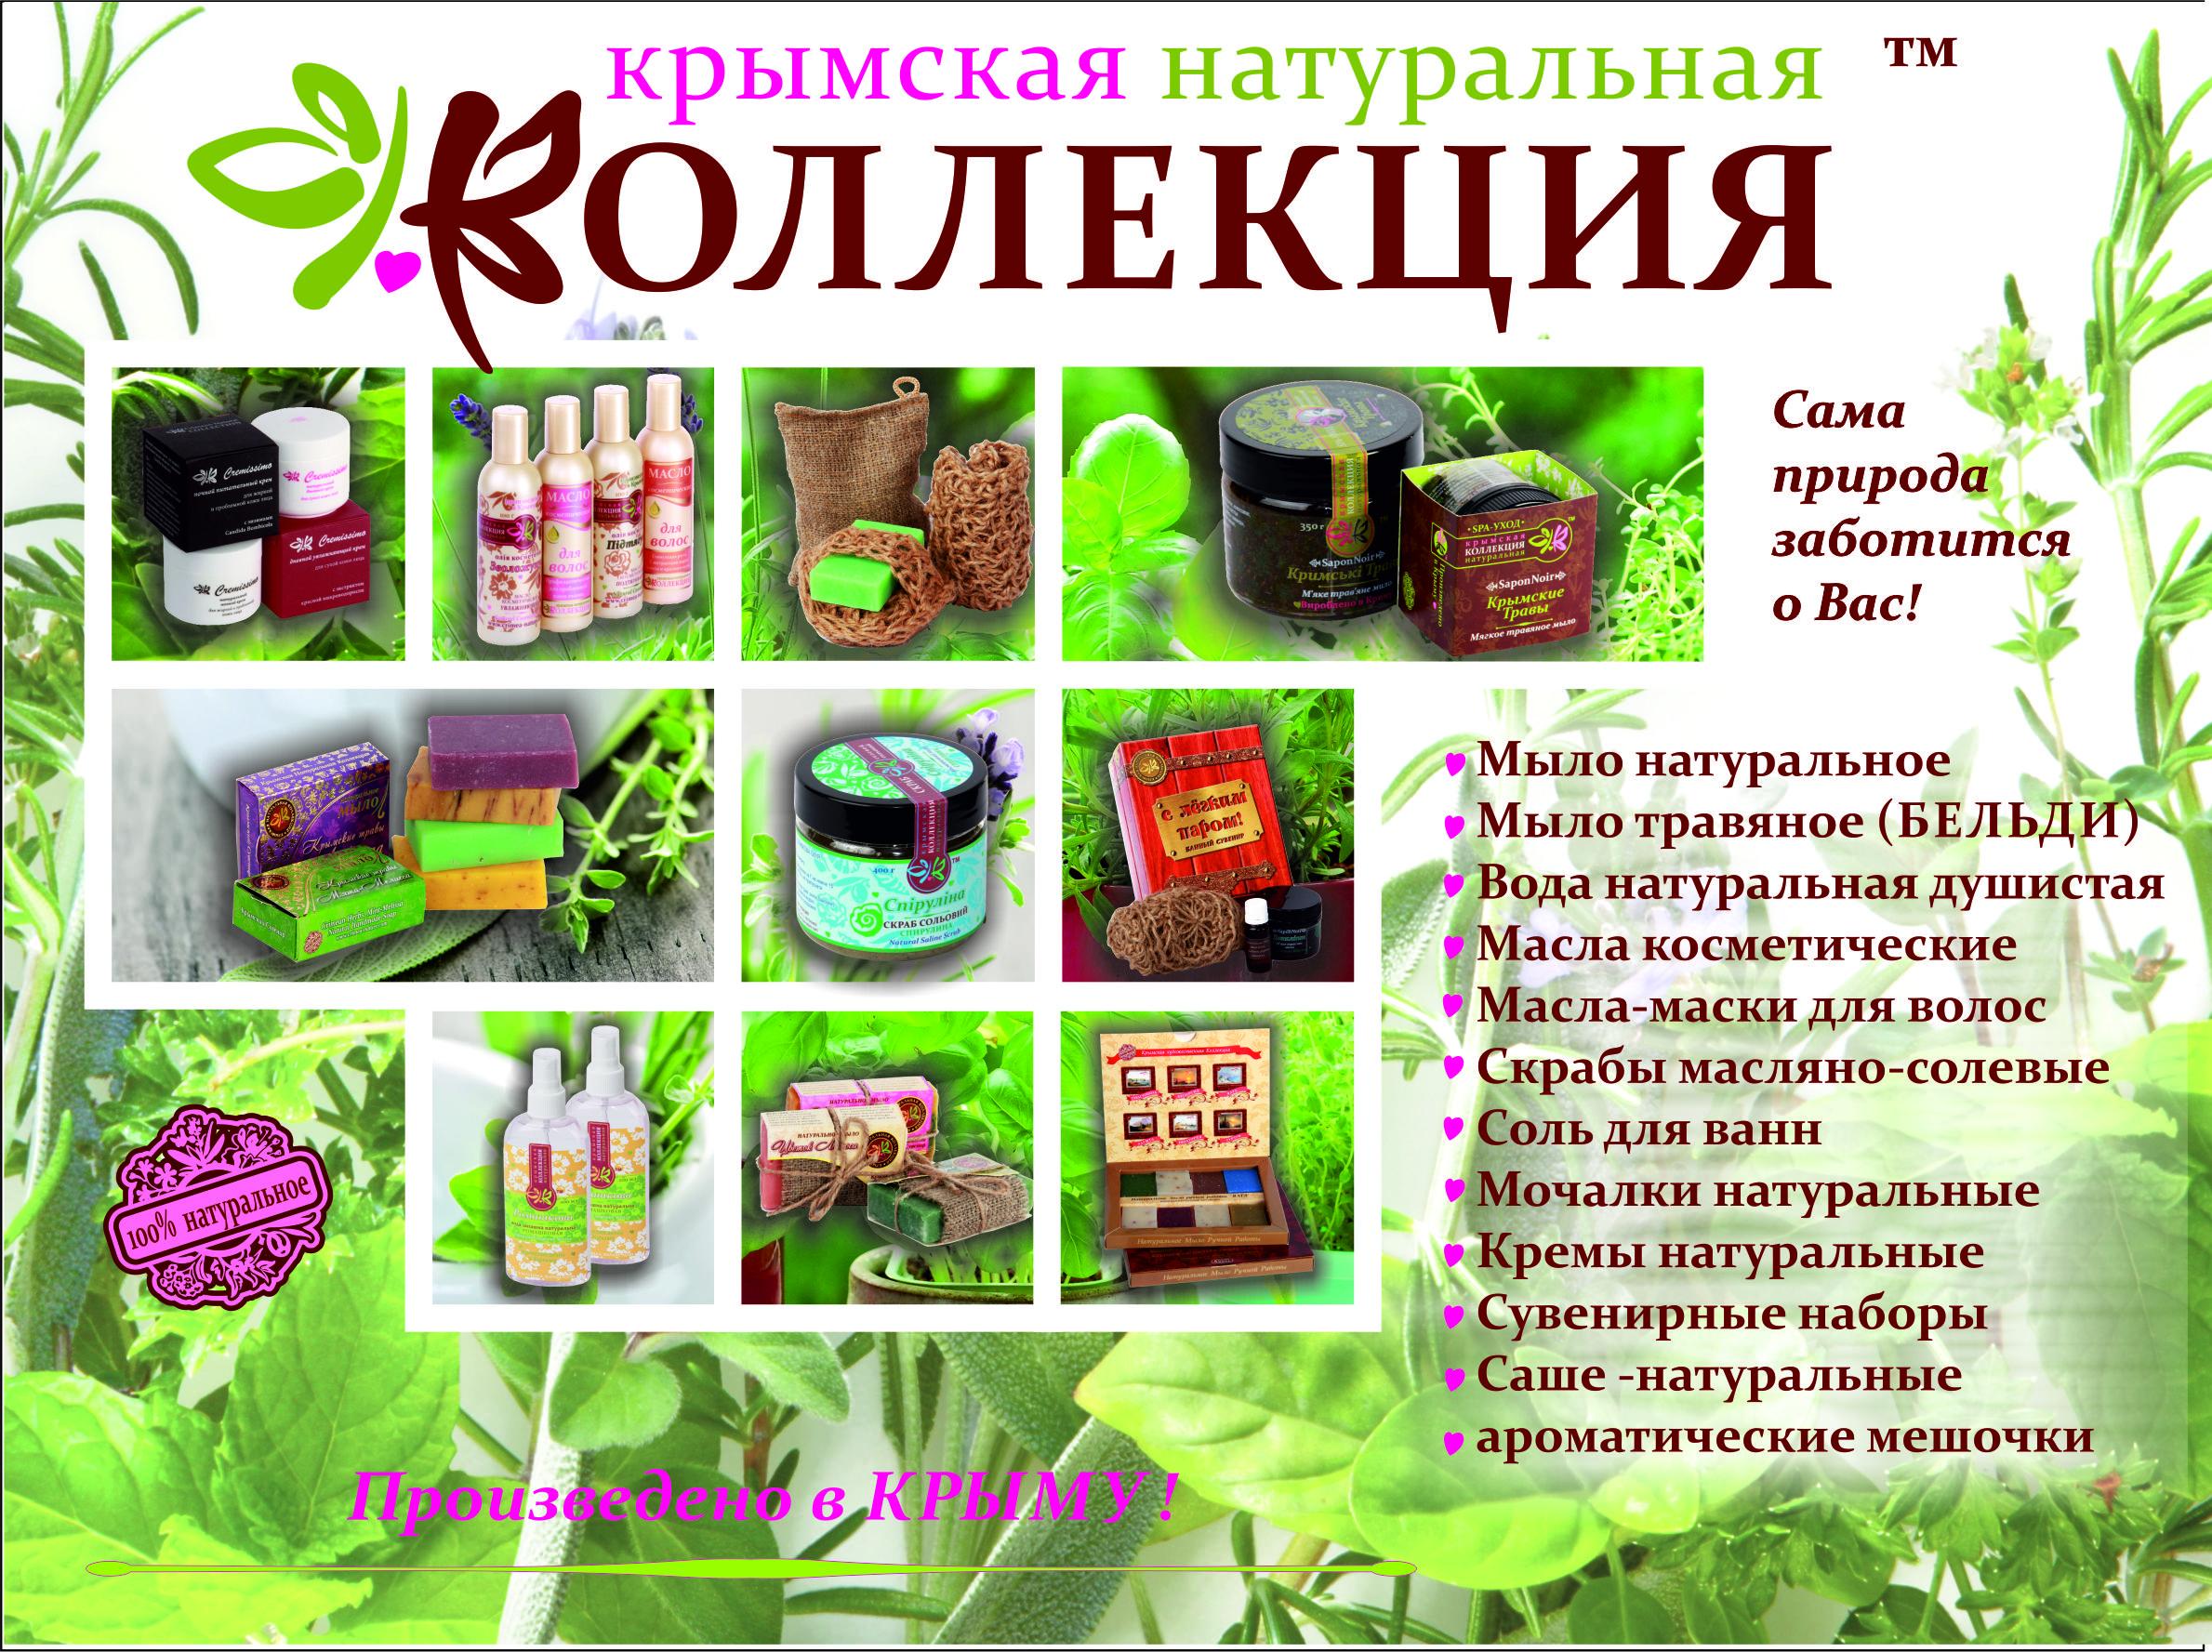 Крымские товары с доставкой по Нижнему Новгороду